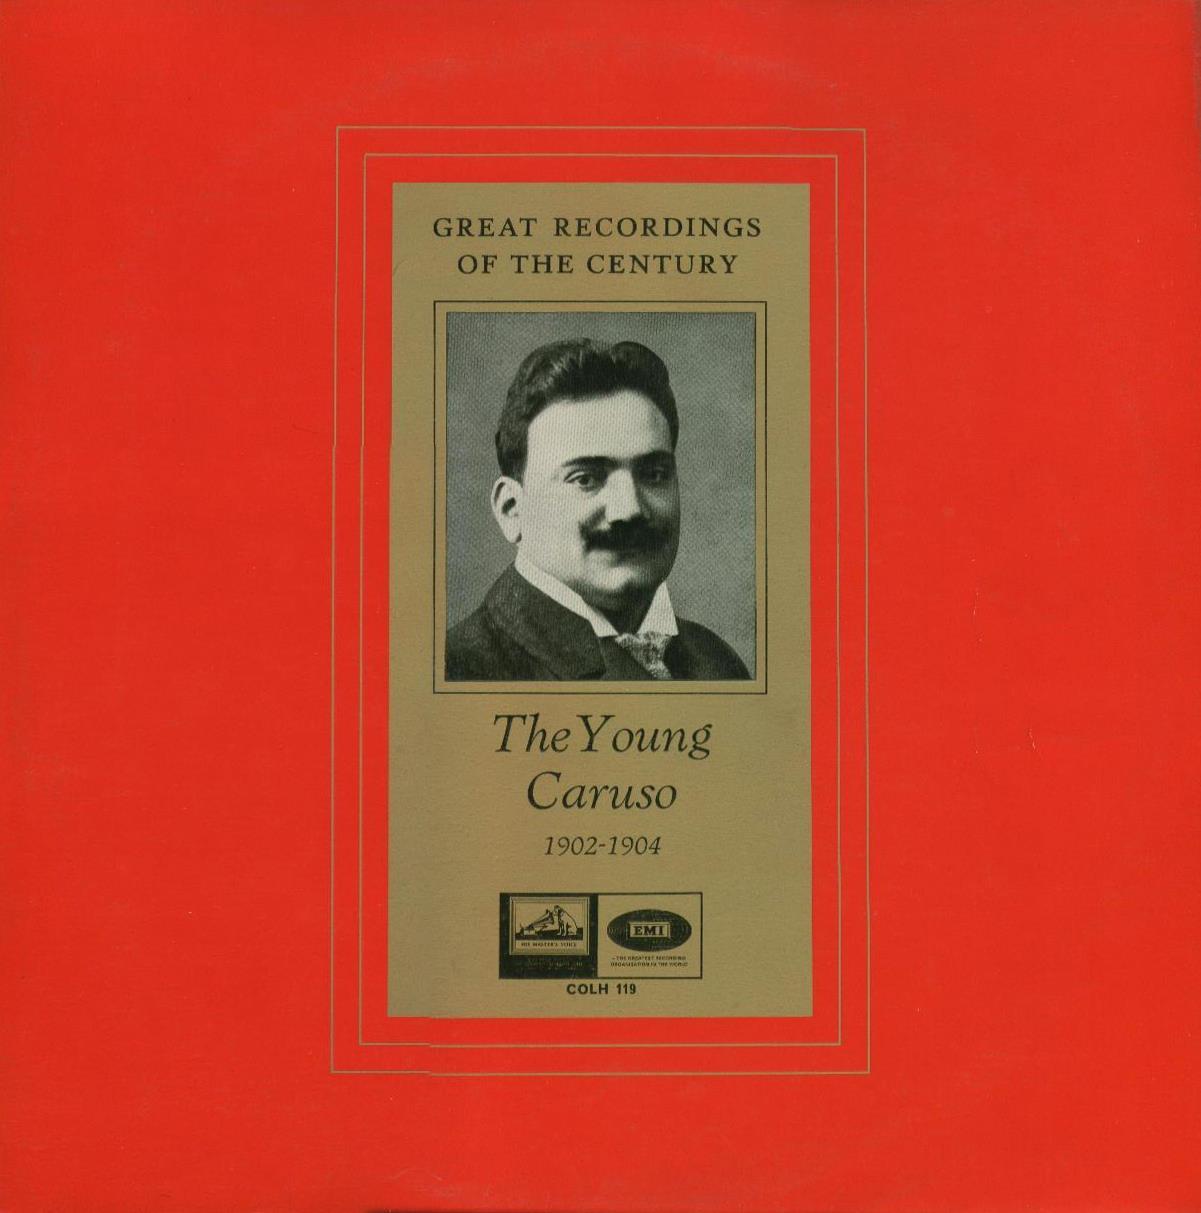 Enrico Caruso The Young Caruso